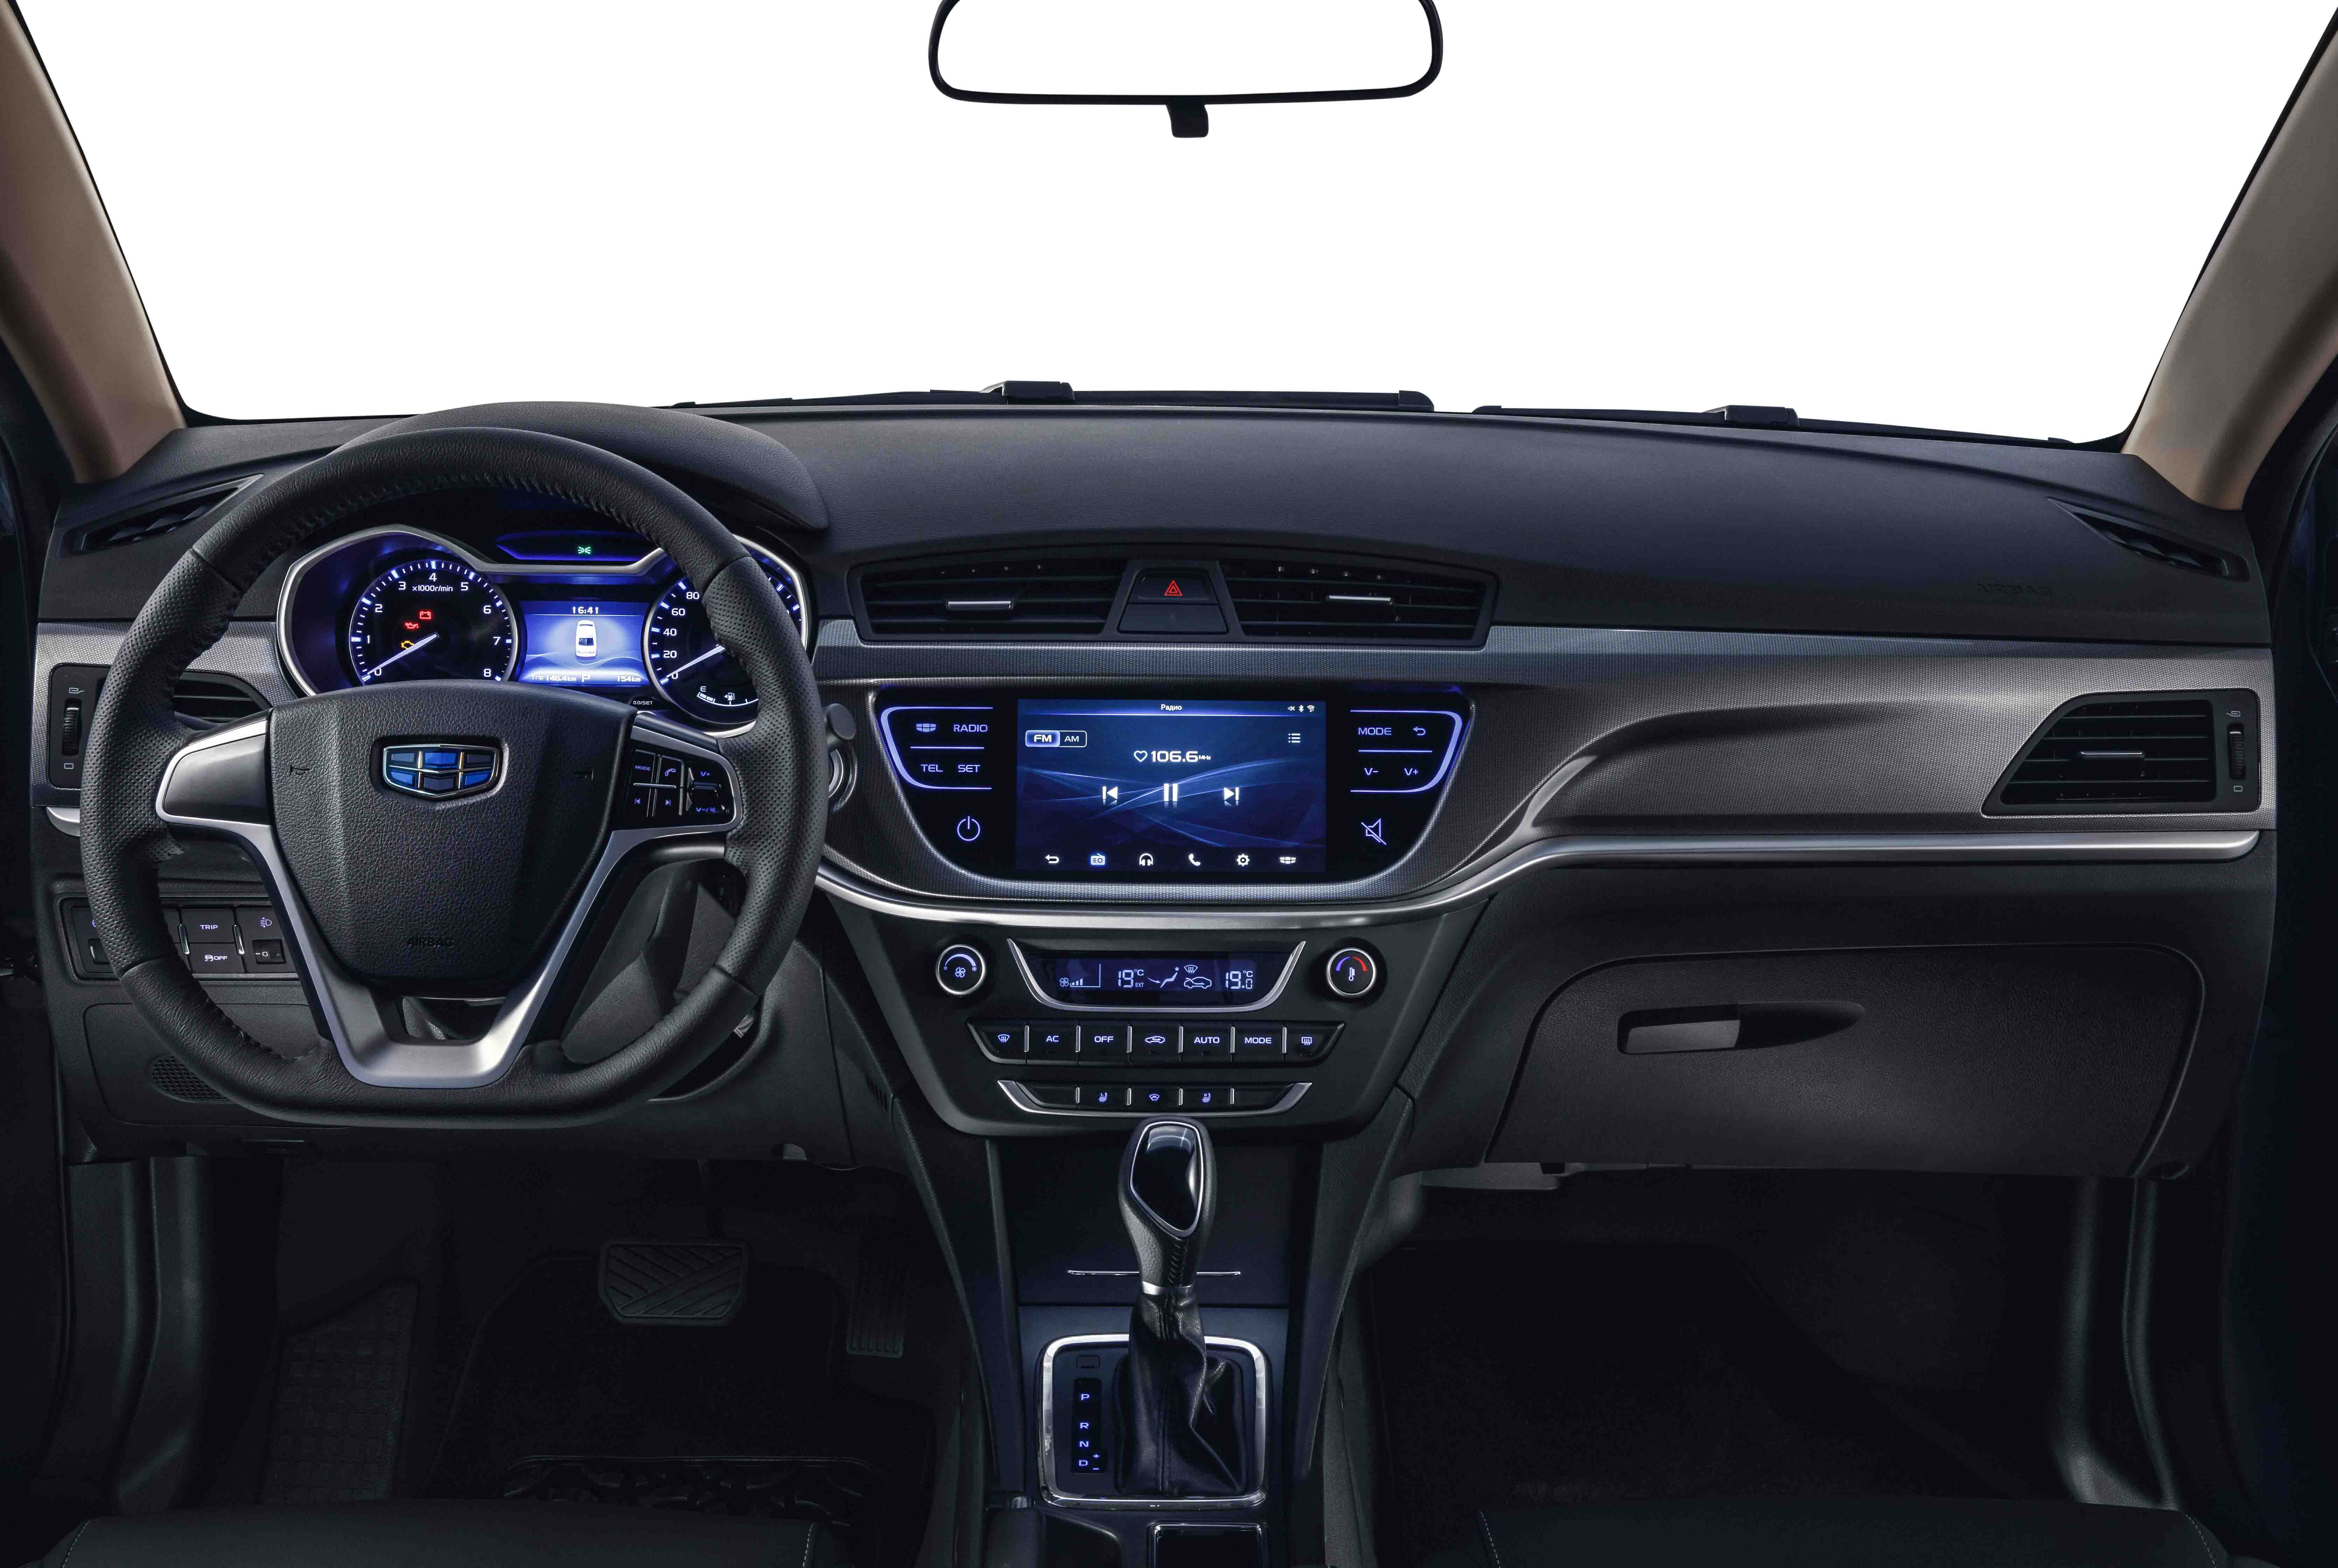 Джили Эмгранд 7 2019 в новом кузове, цены, комплектации, фото, видео тест-драйв